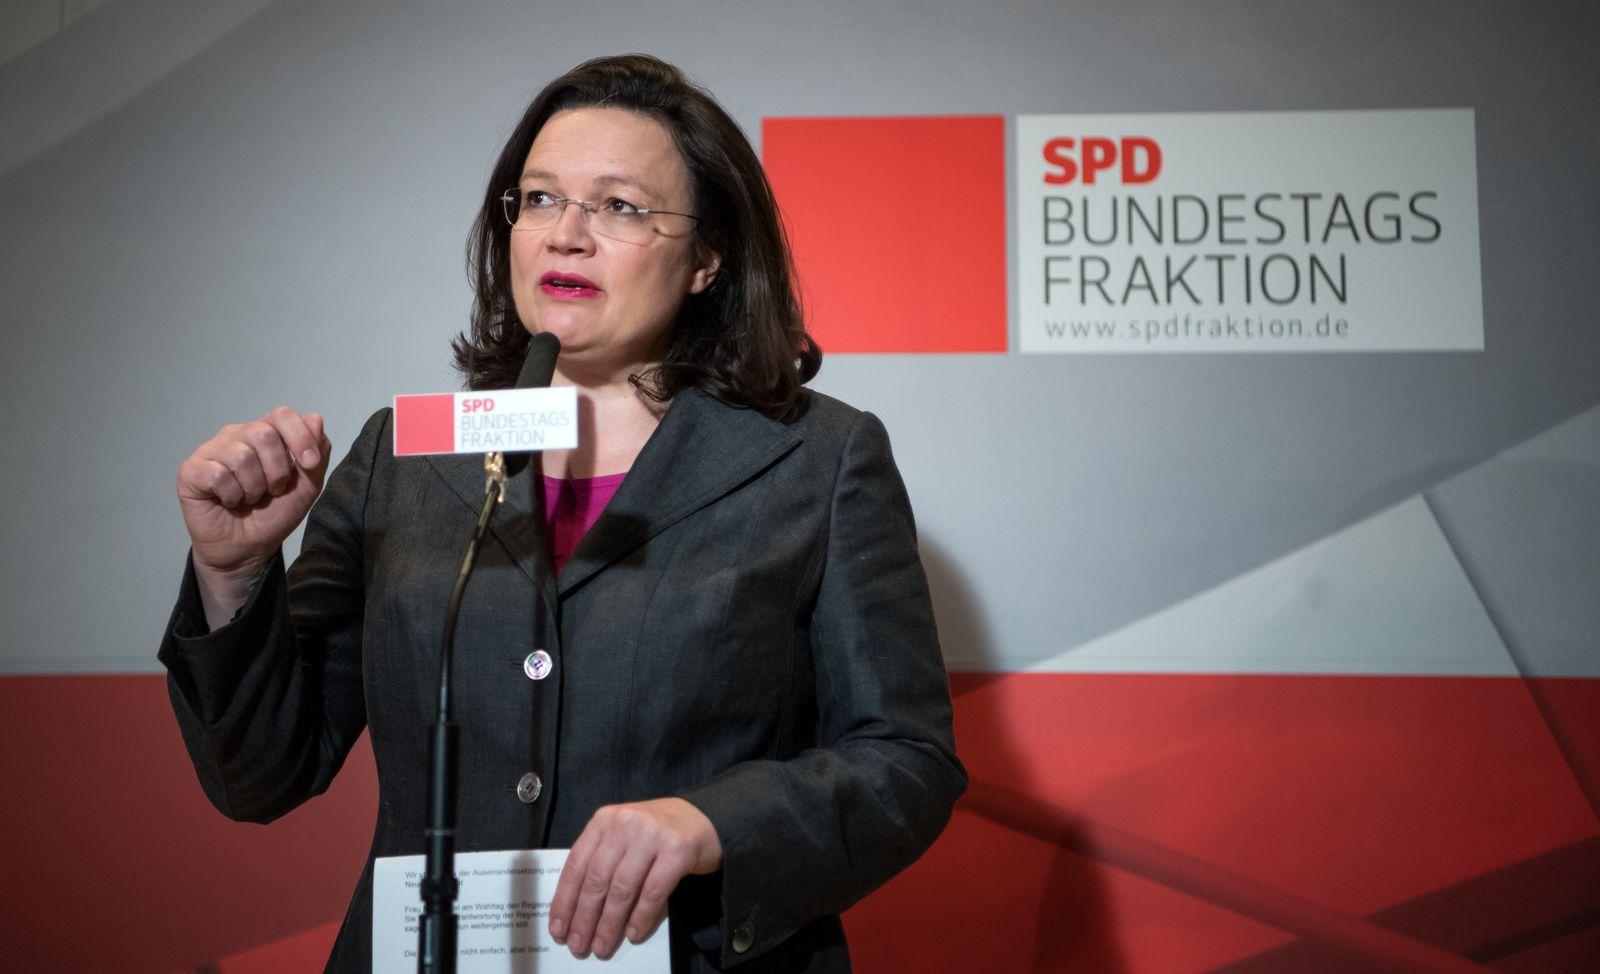 Nach dem Ende der Sondierungsgespräche - SPD